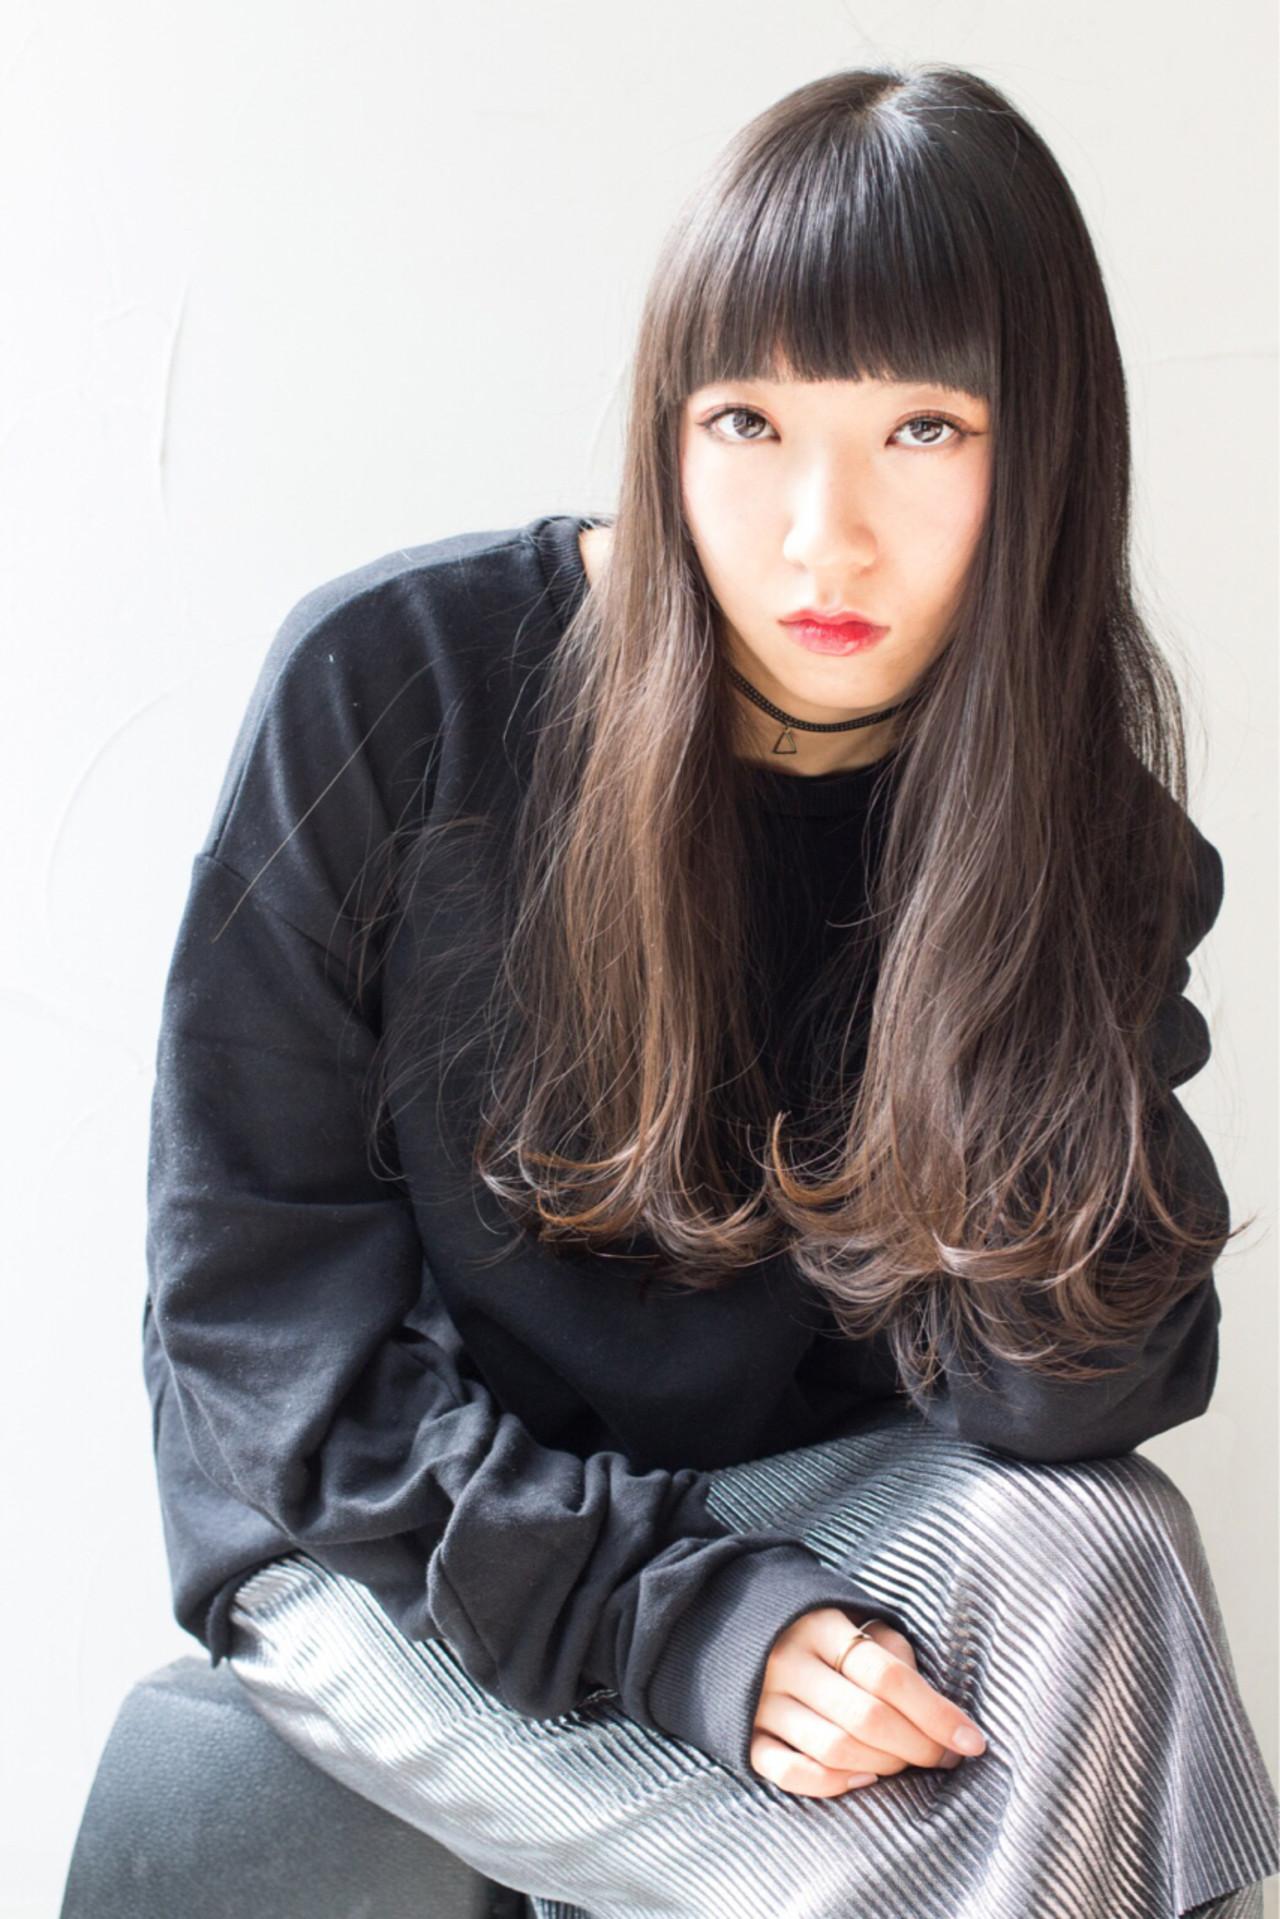 前髪重めスタイルでデカ目&小顔をつくる方法まとめ 山田涼一